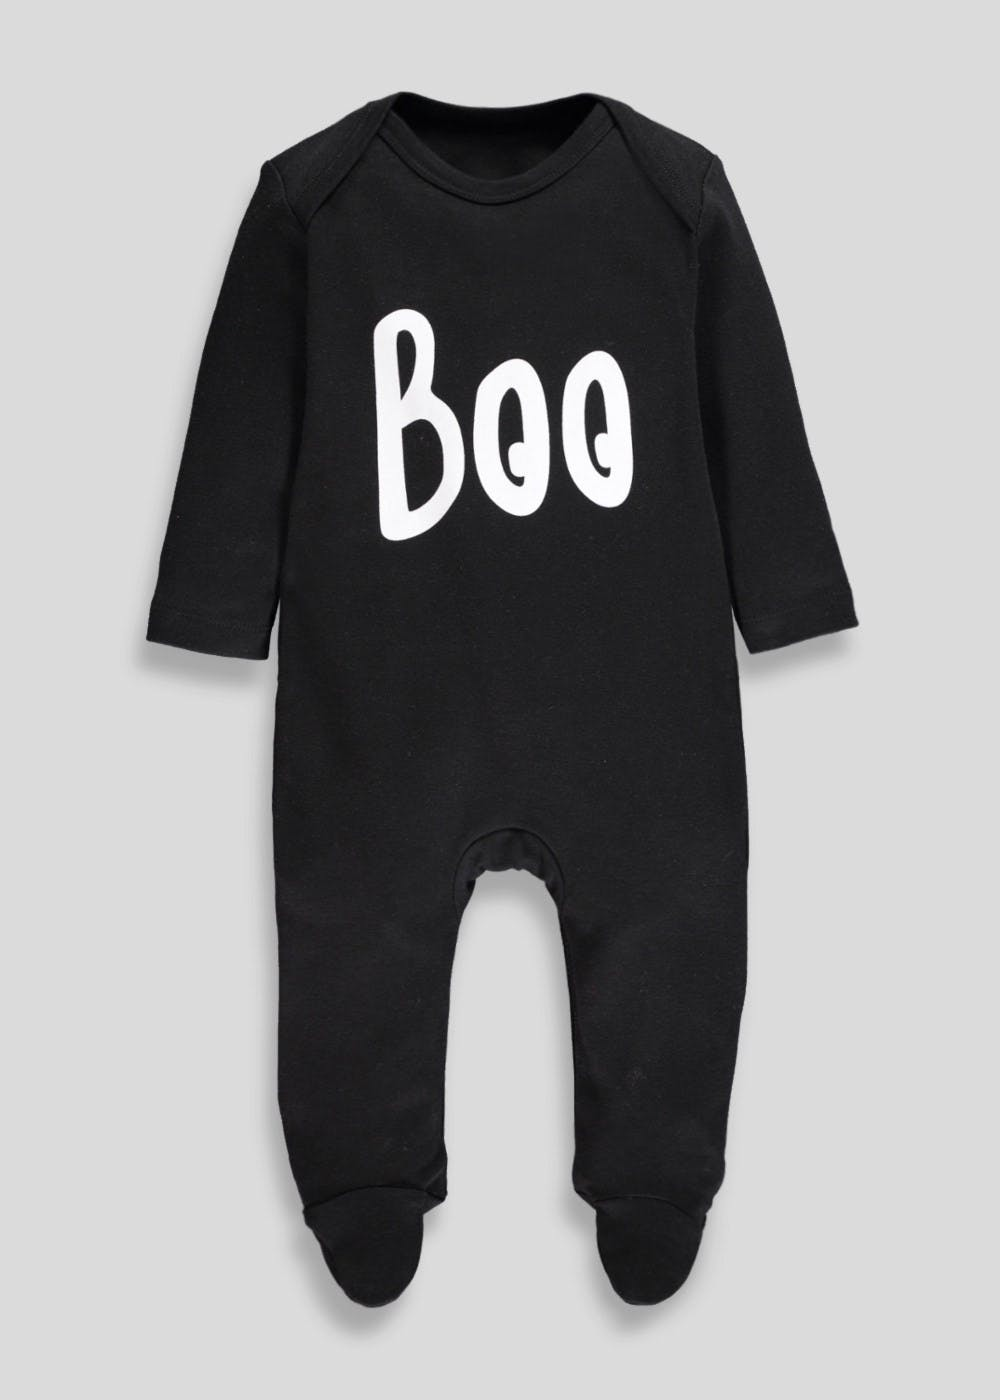 boo-black-sleepsuit